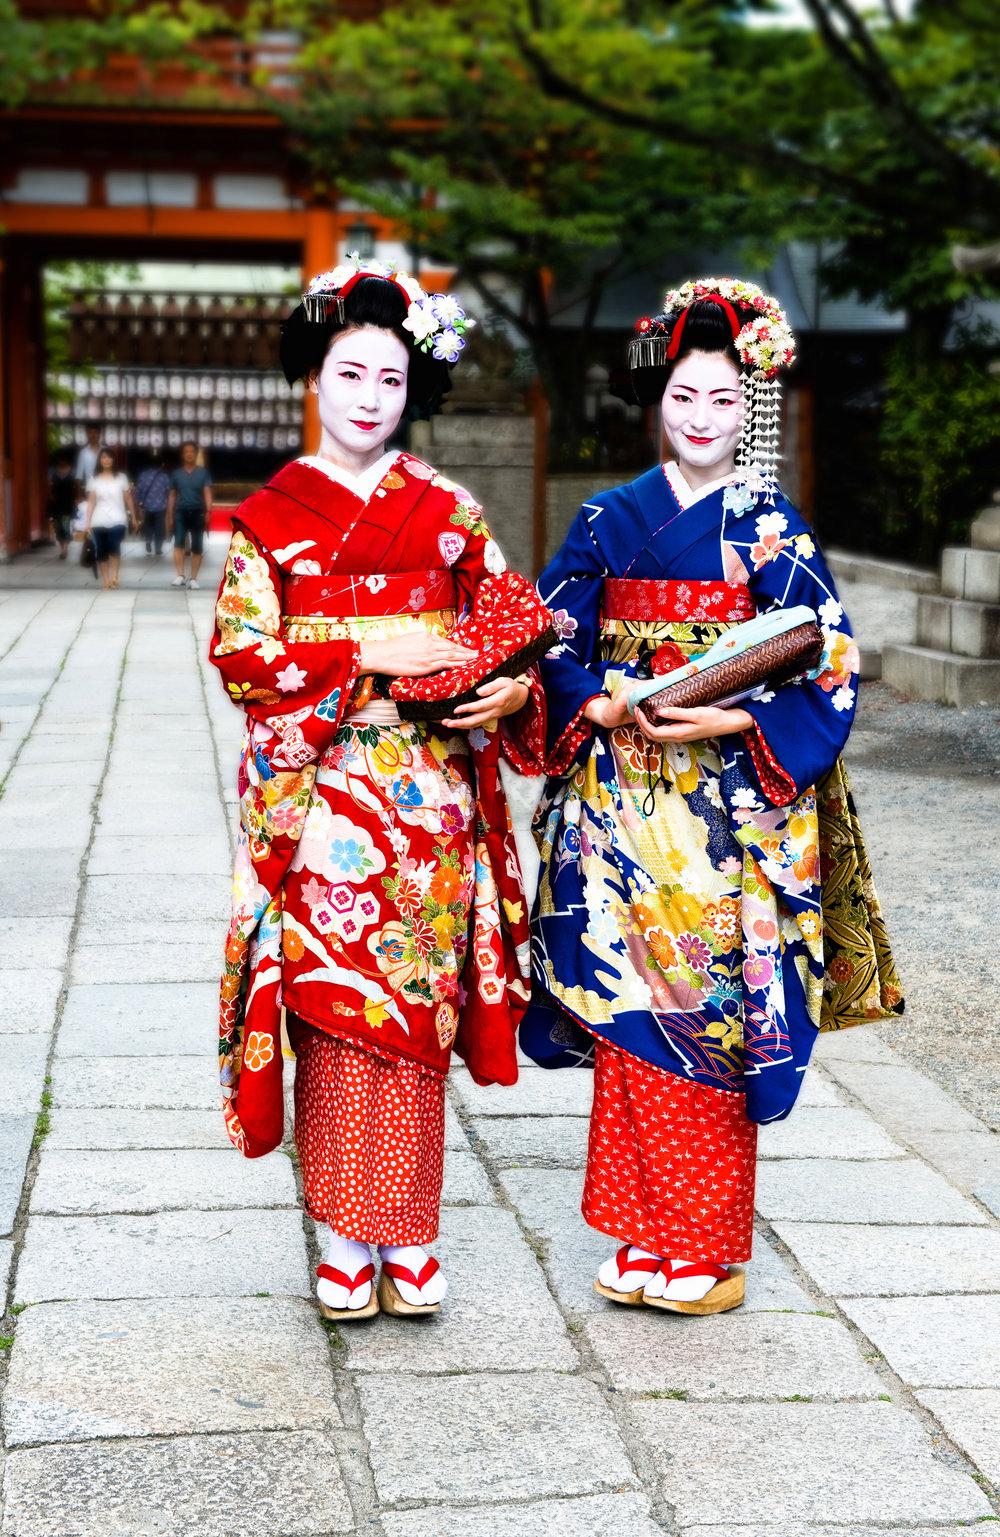 Japan-John Bardell-0323.jpg